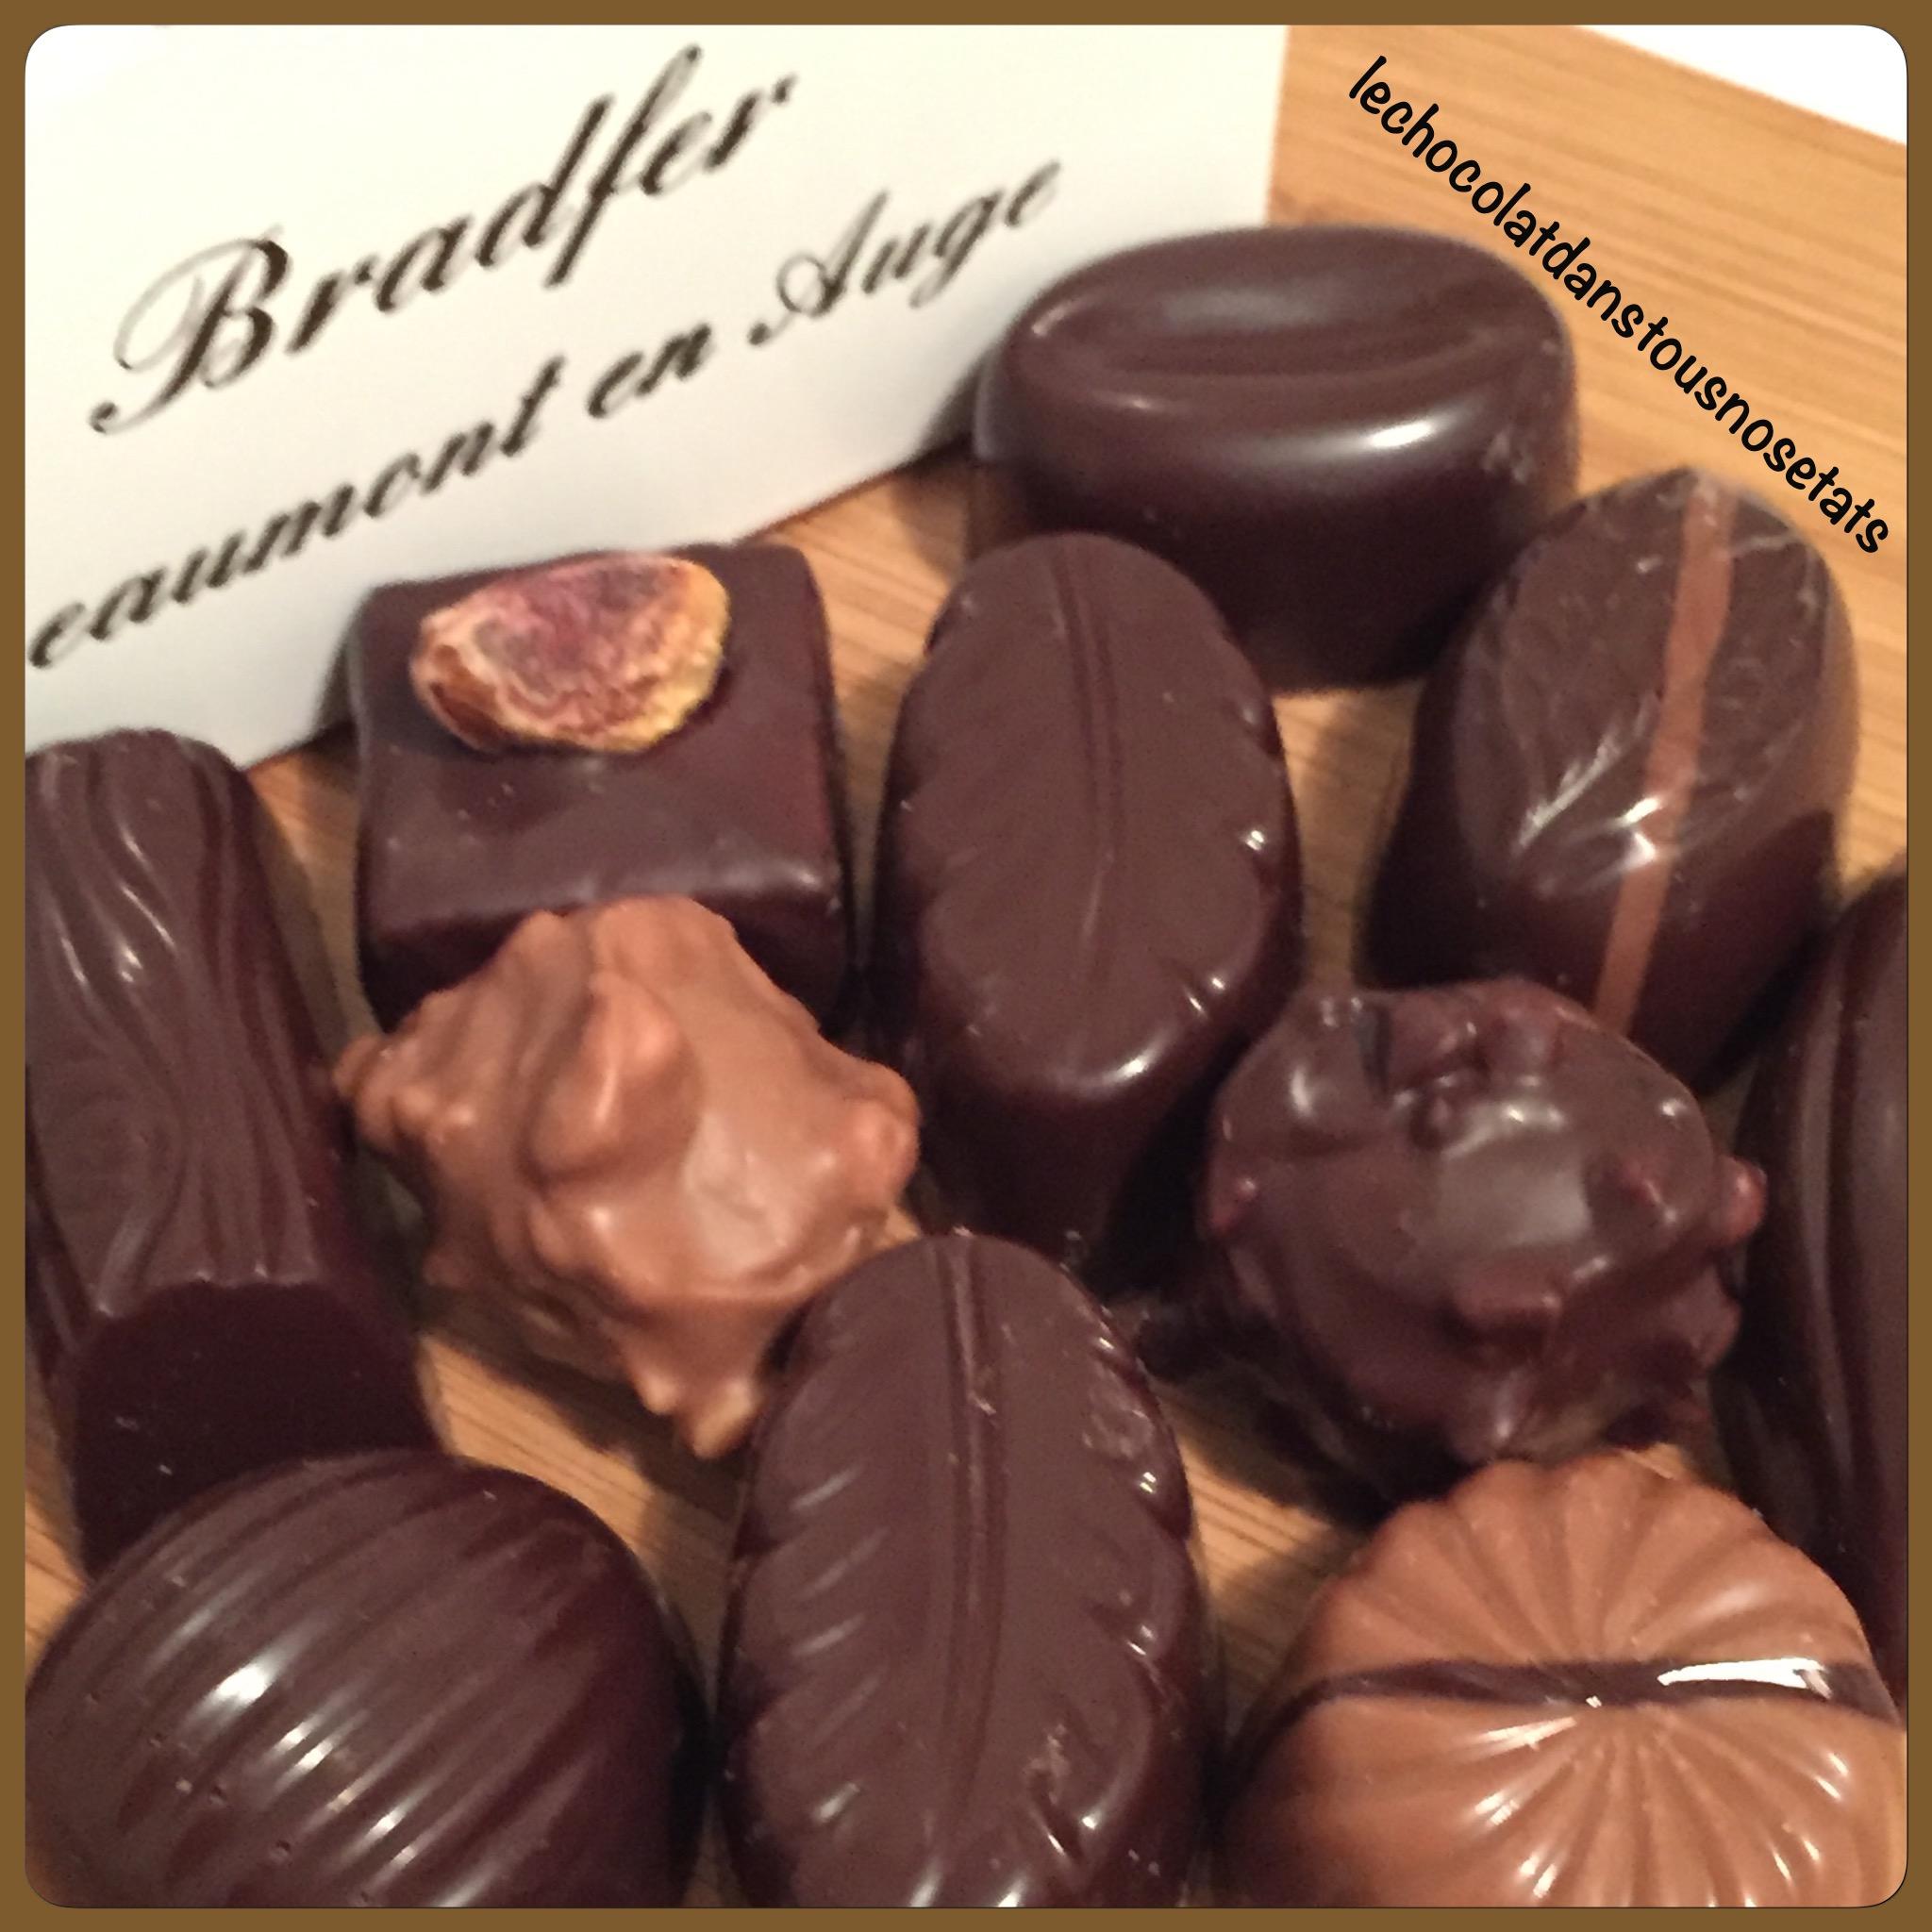 Les chocolats de la Maison BRADFER, Beaumont-en-Auge